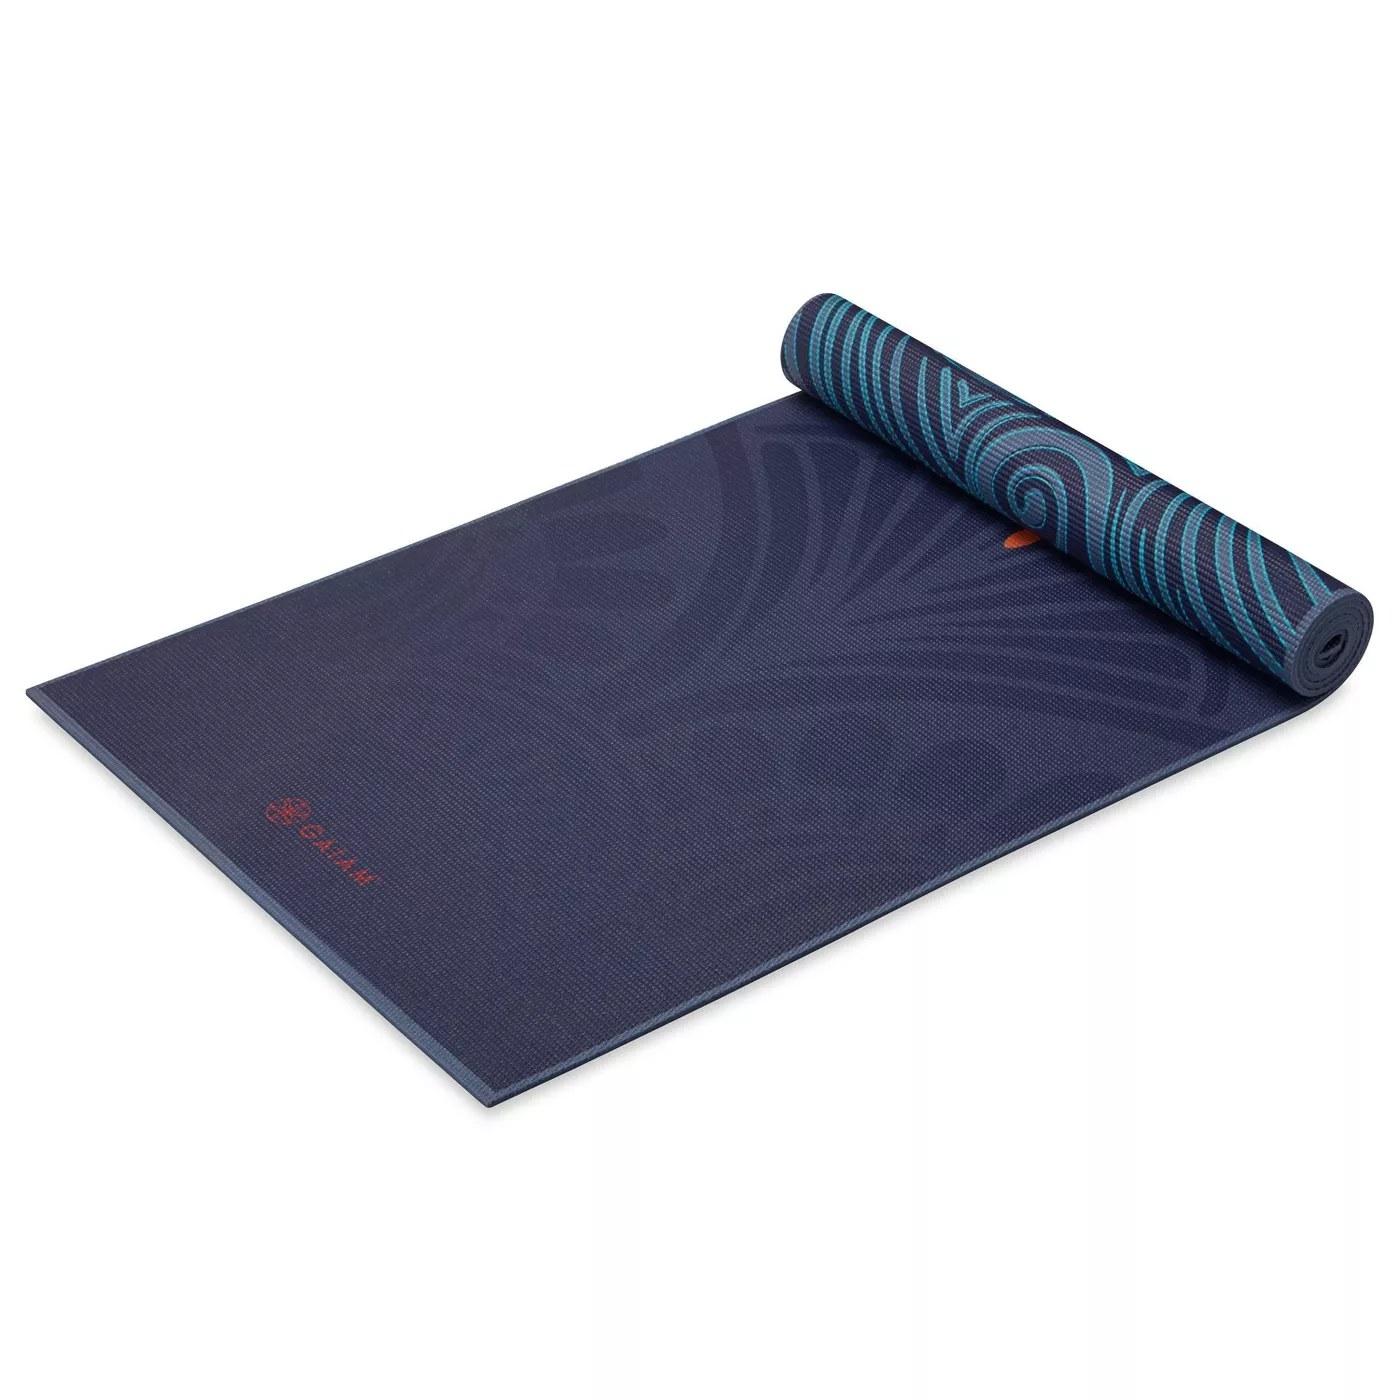 The teal mandala mat